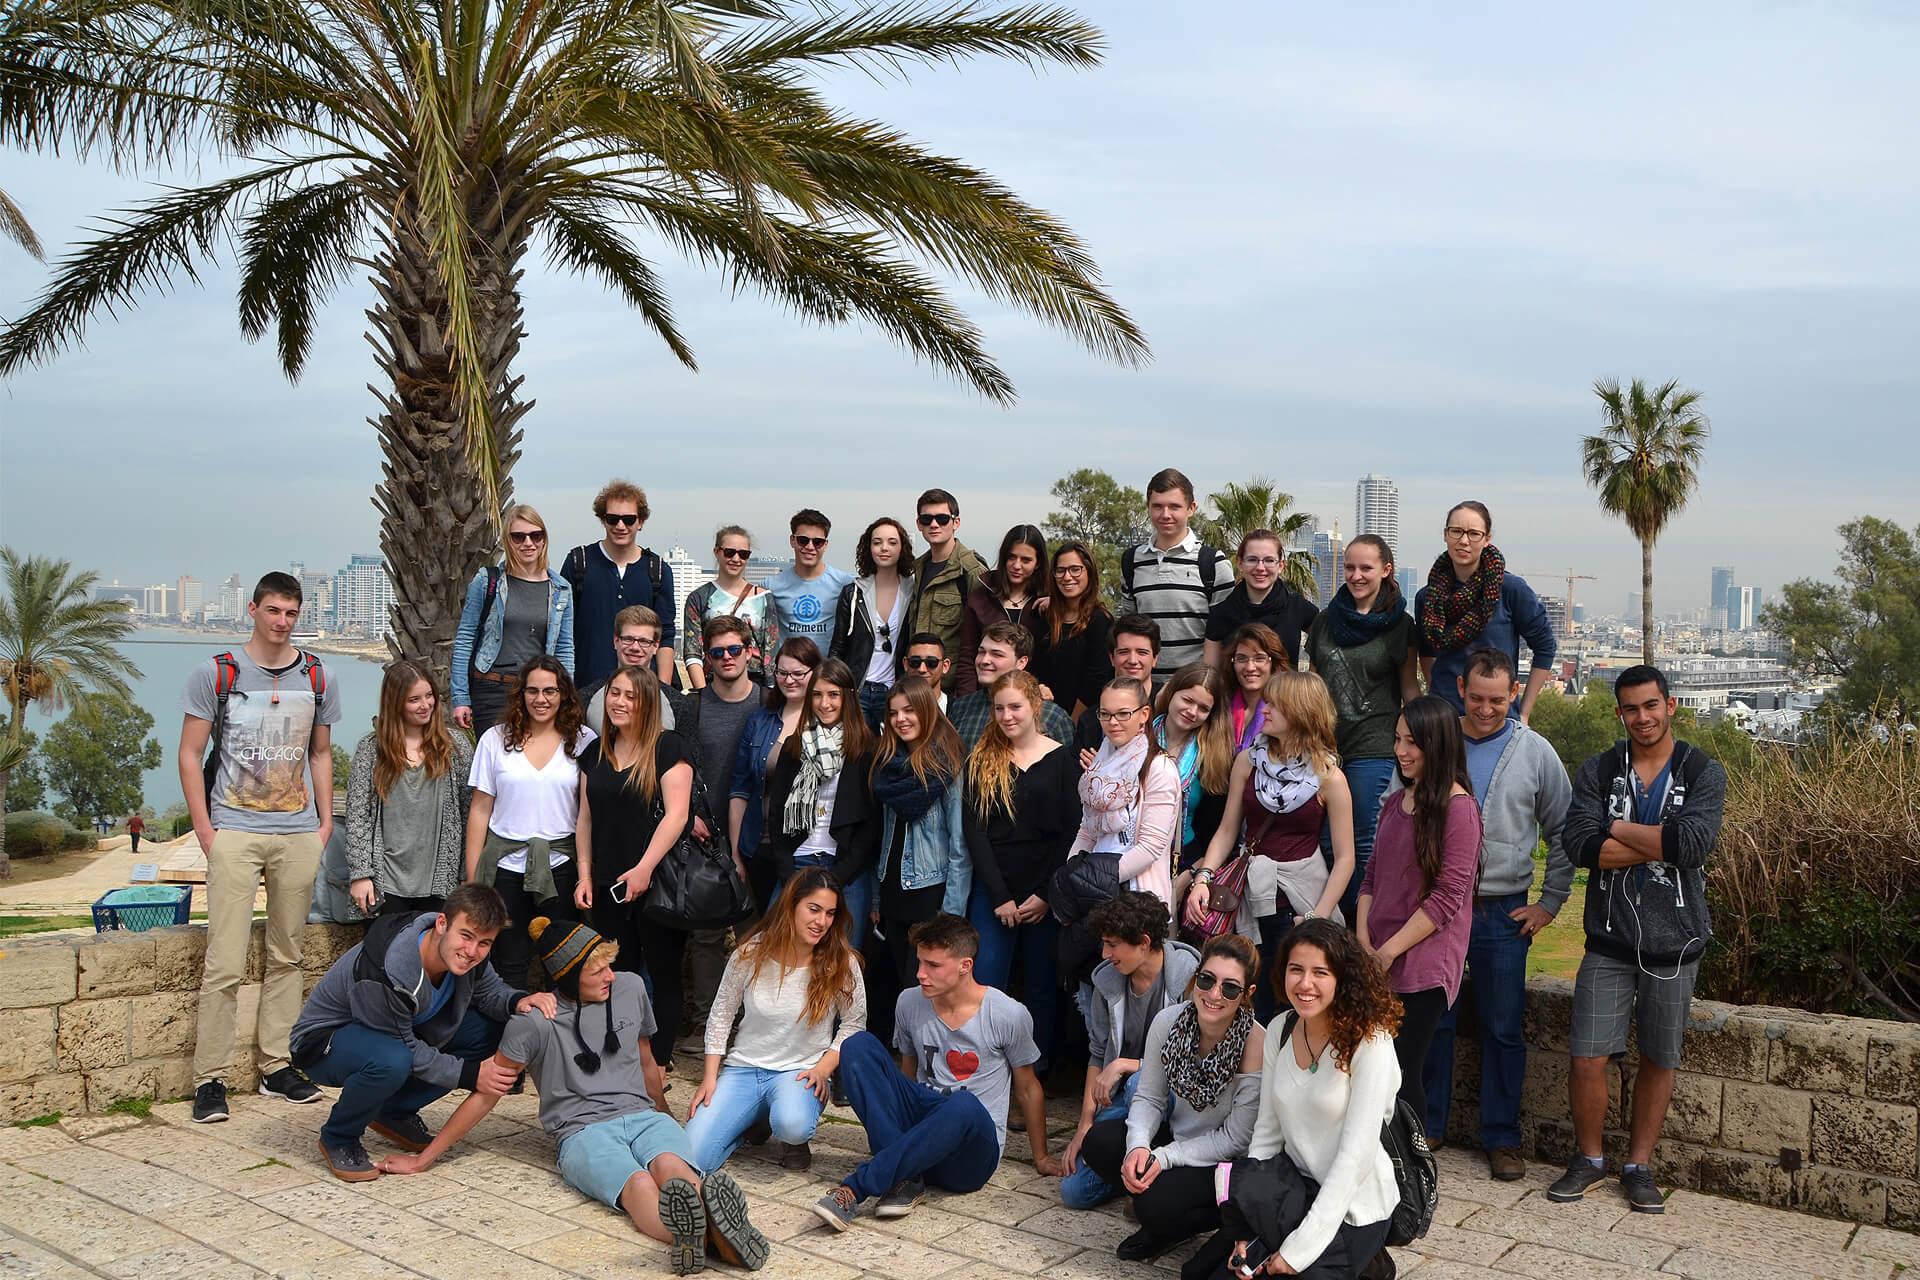 schulleben-int-projekte-israel-content-impressionen-12